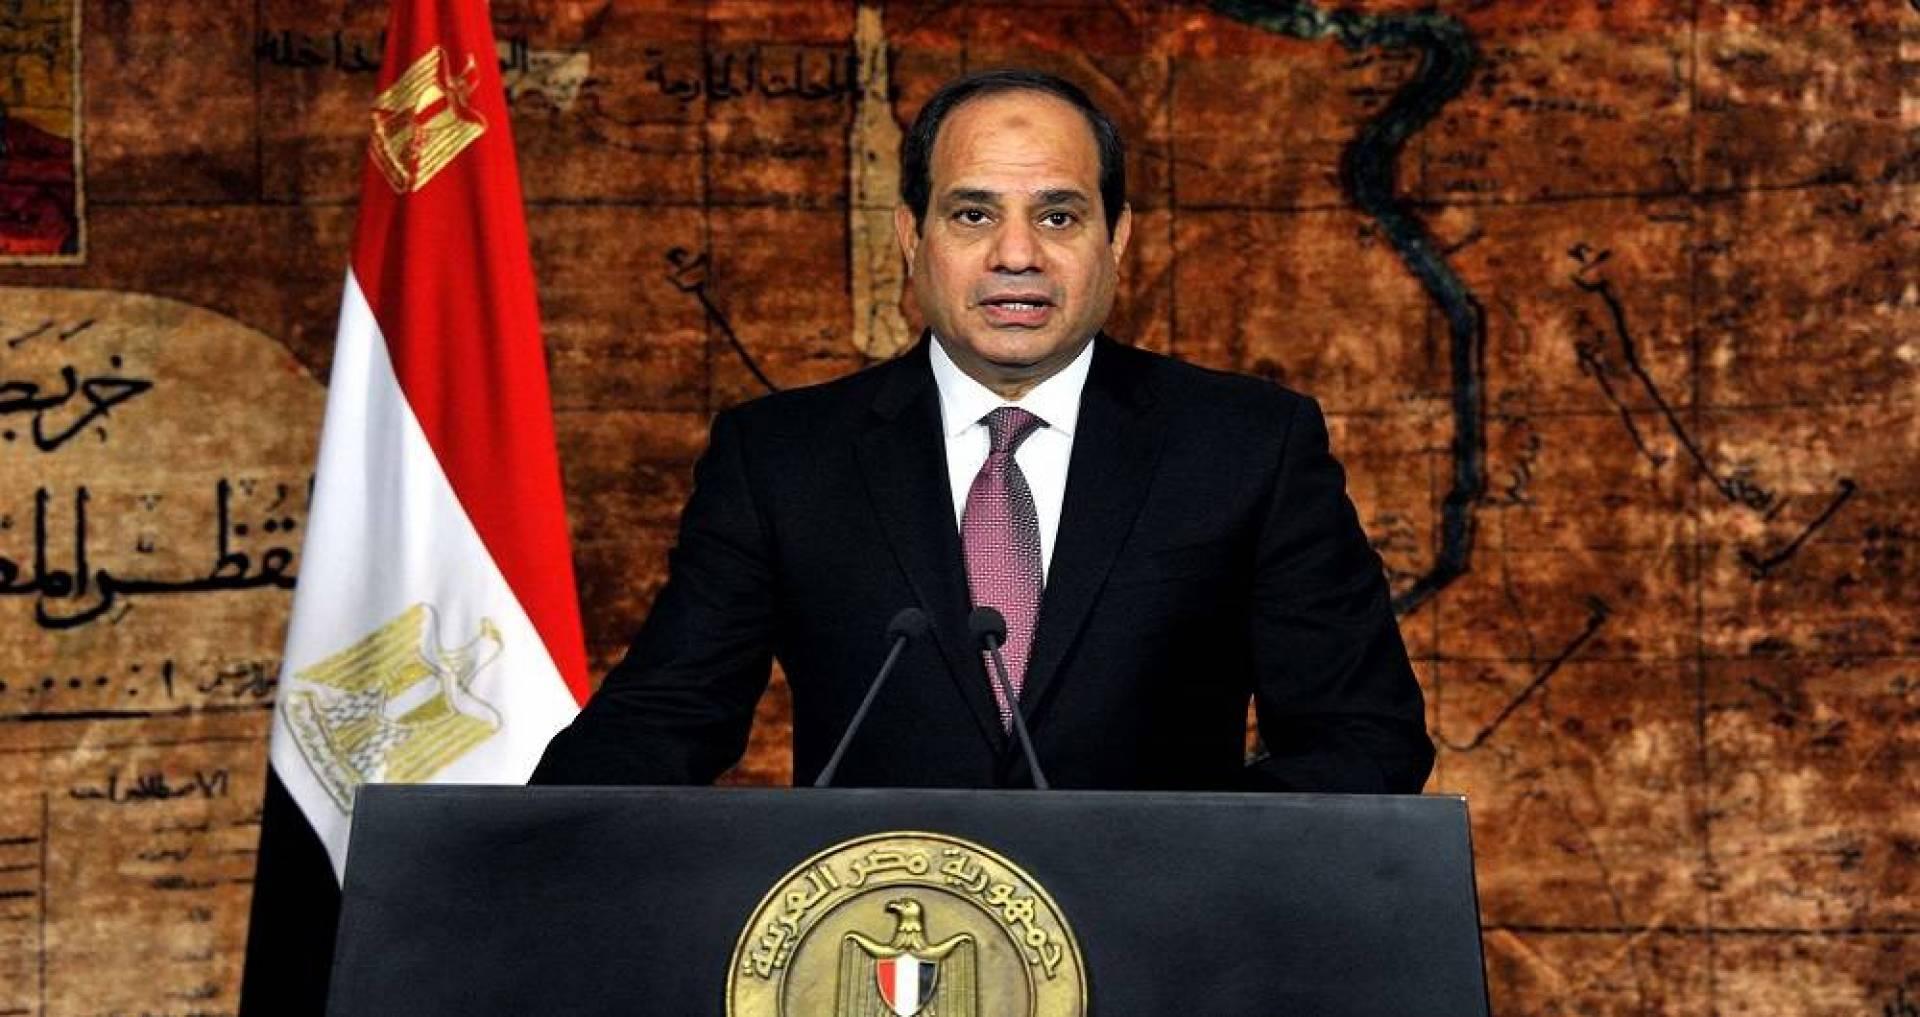 السيسي يثمّن اتفاق السلام بين الإمارات و إسرائيل ووقف ضمّ الأراضي الفلسطينية